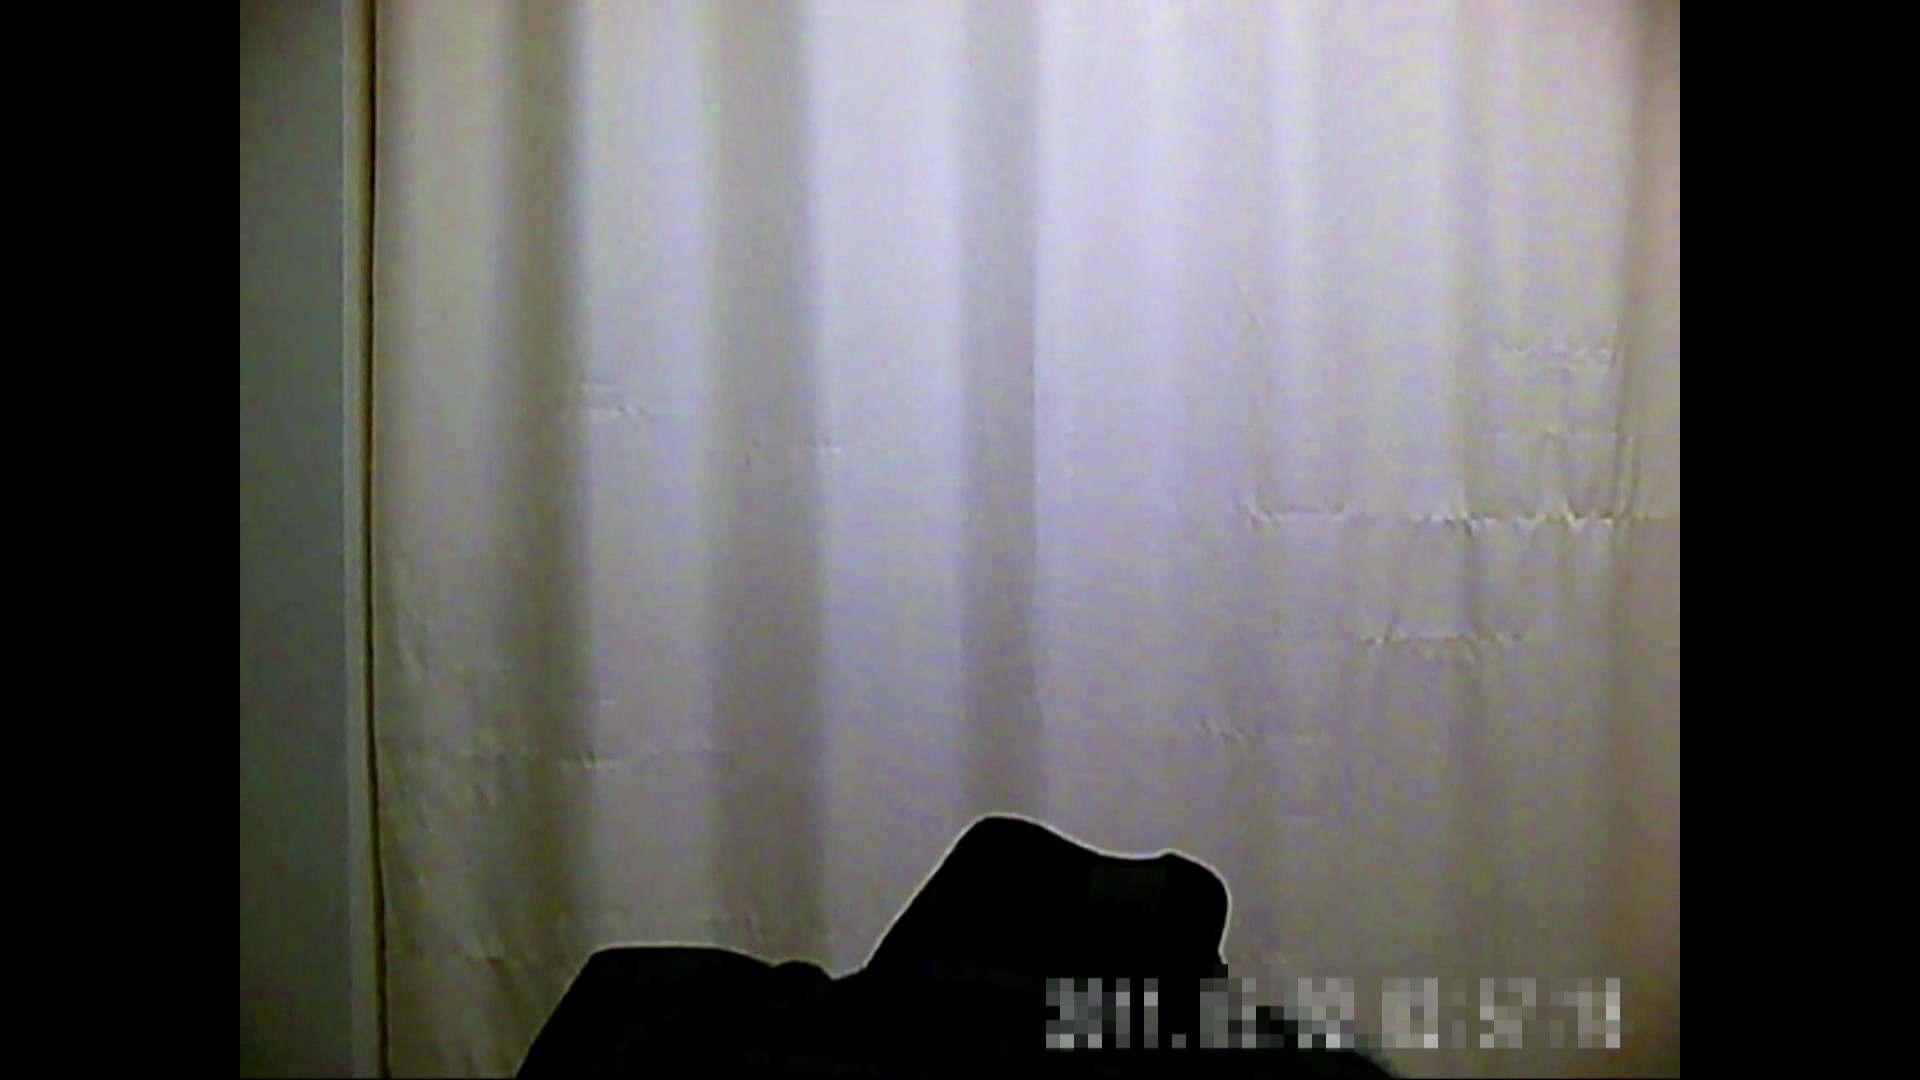 病院おもいっきり着替え! vol.293 着替え オマンコ無修正動画無料 69pic 53